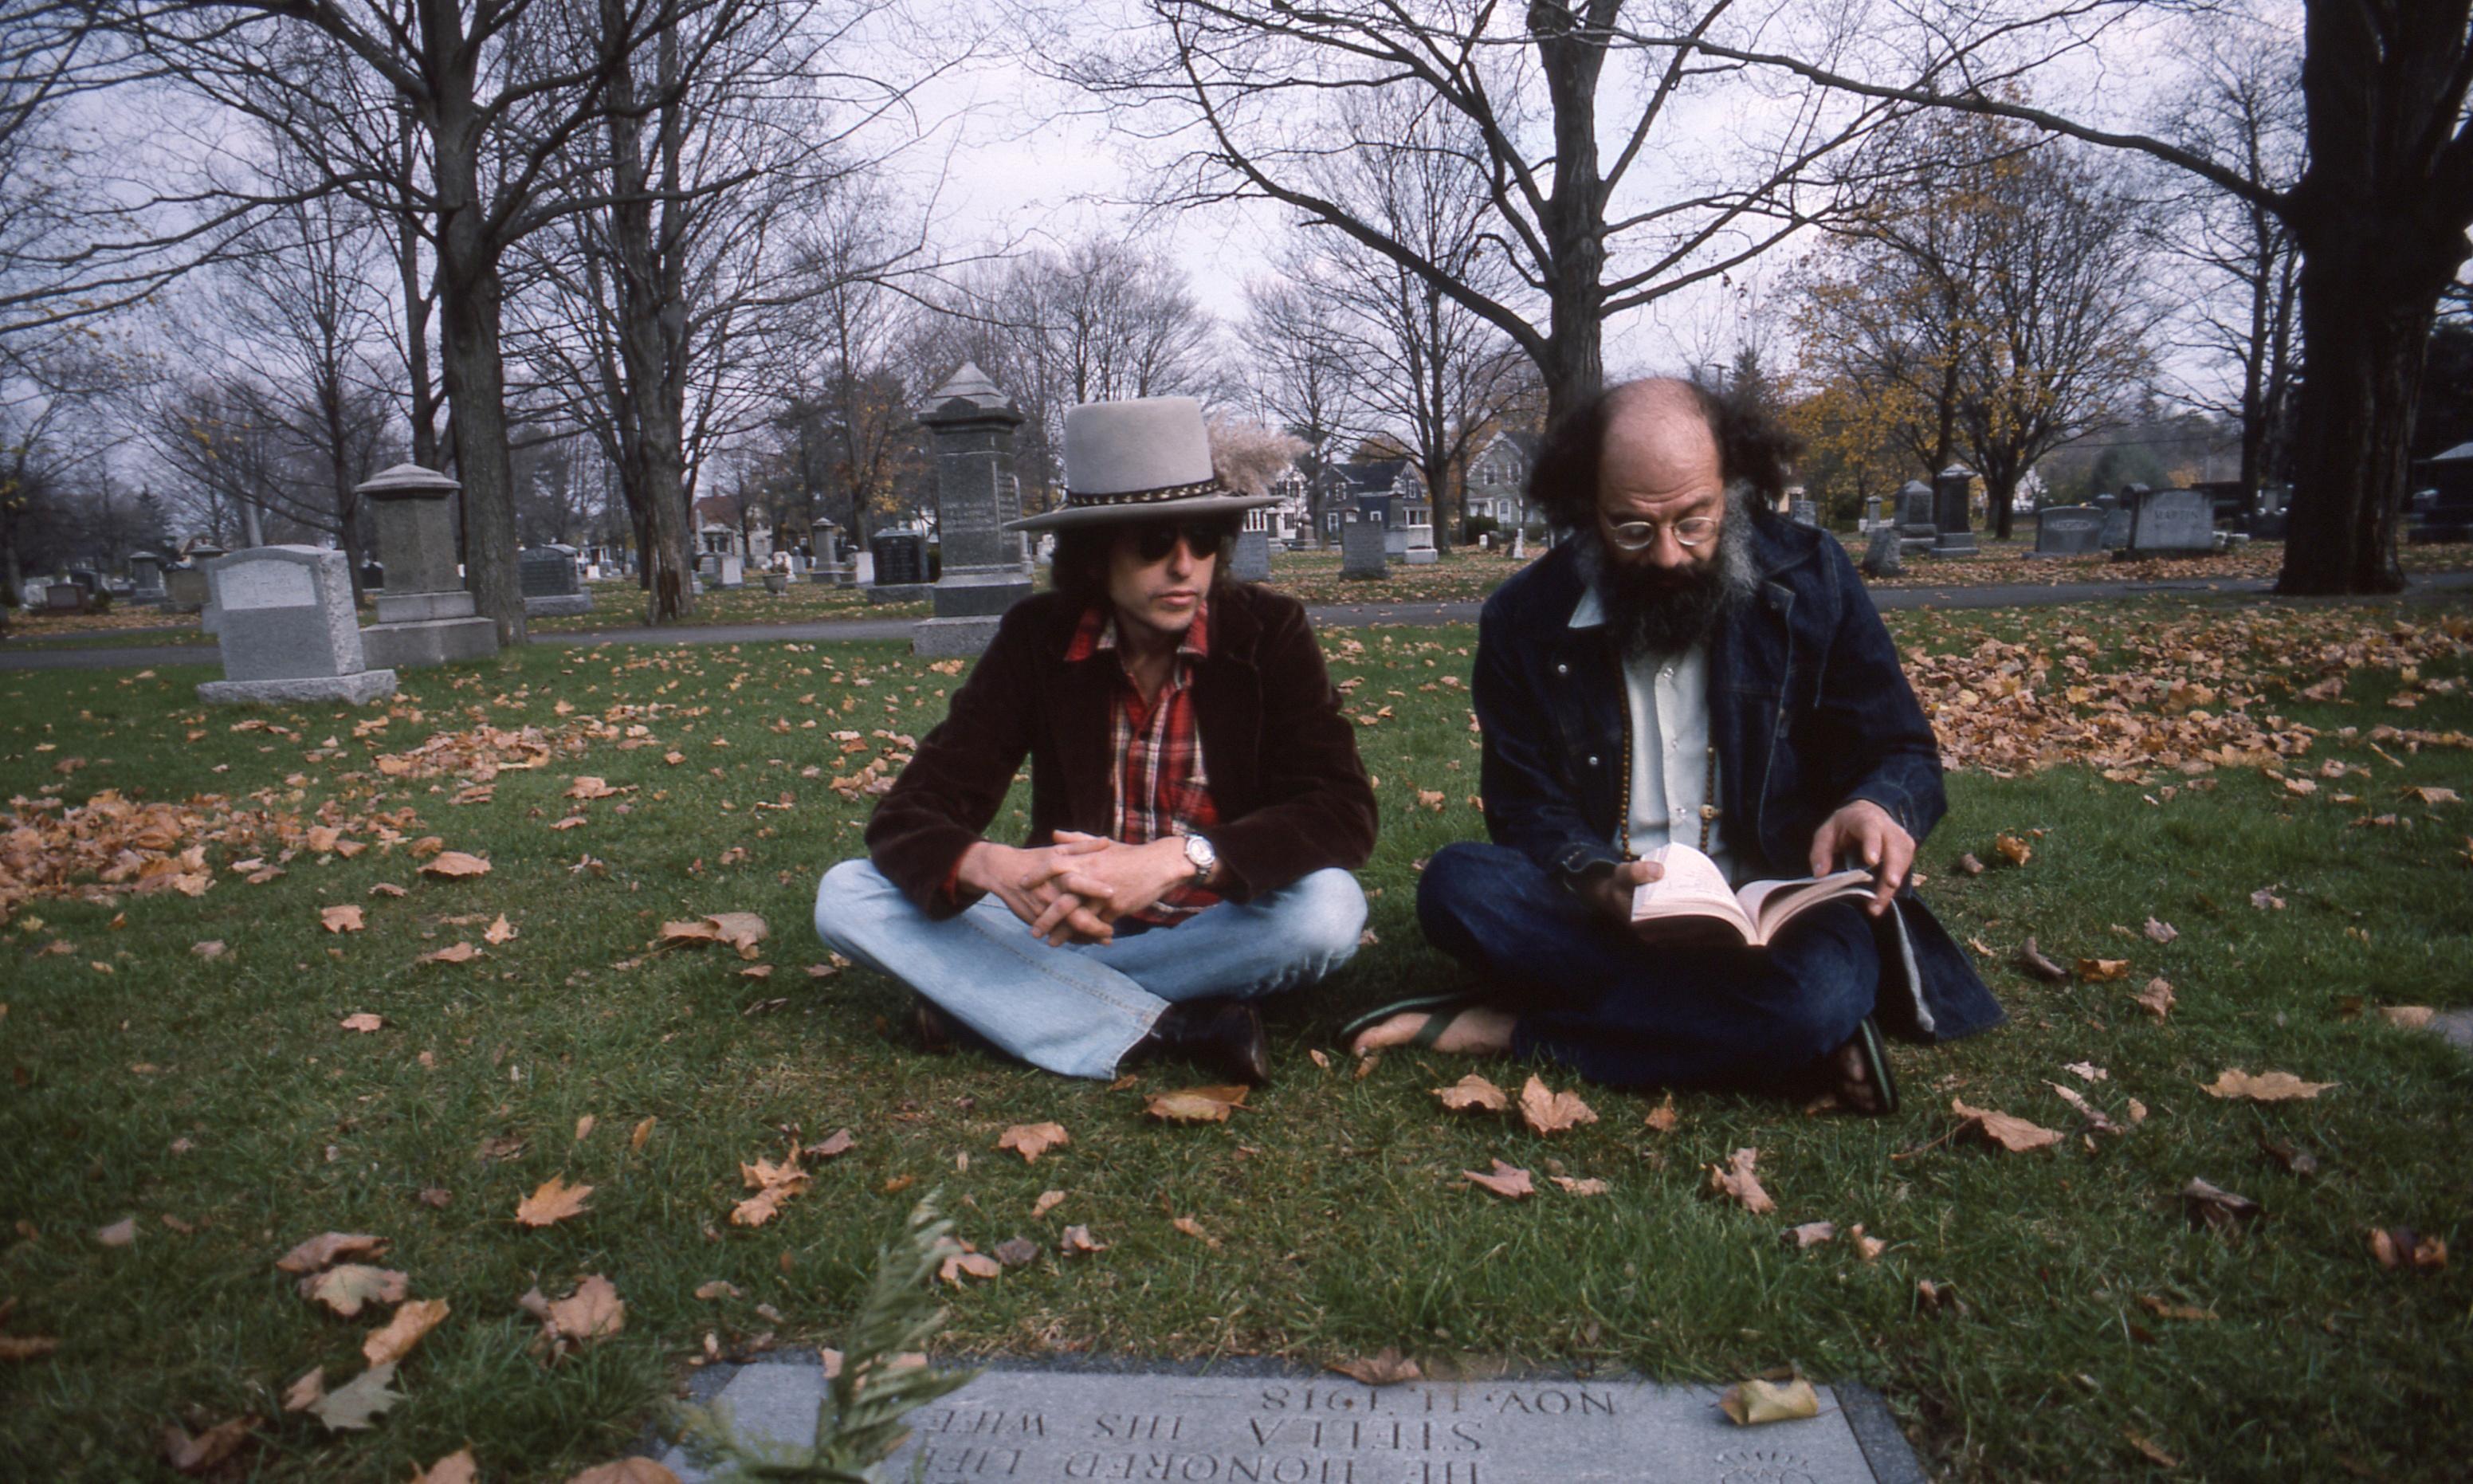 Streaming: Scorsese's freewheeling Dylan doc